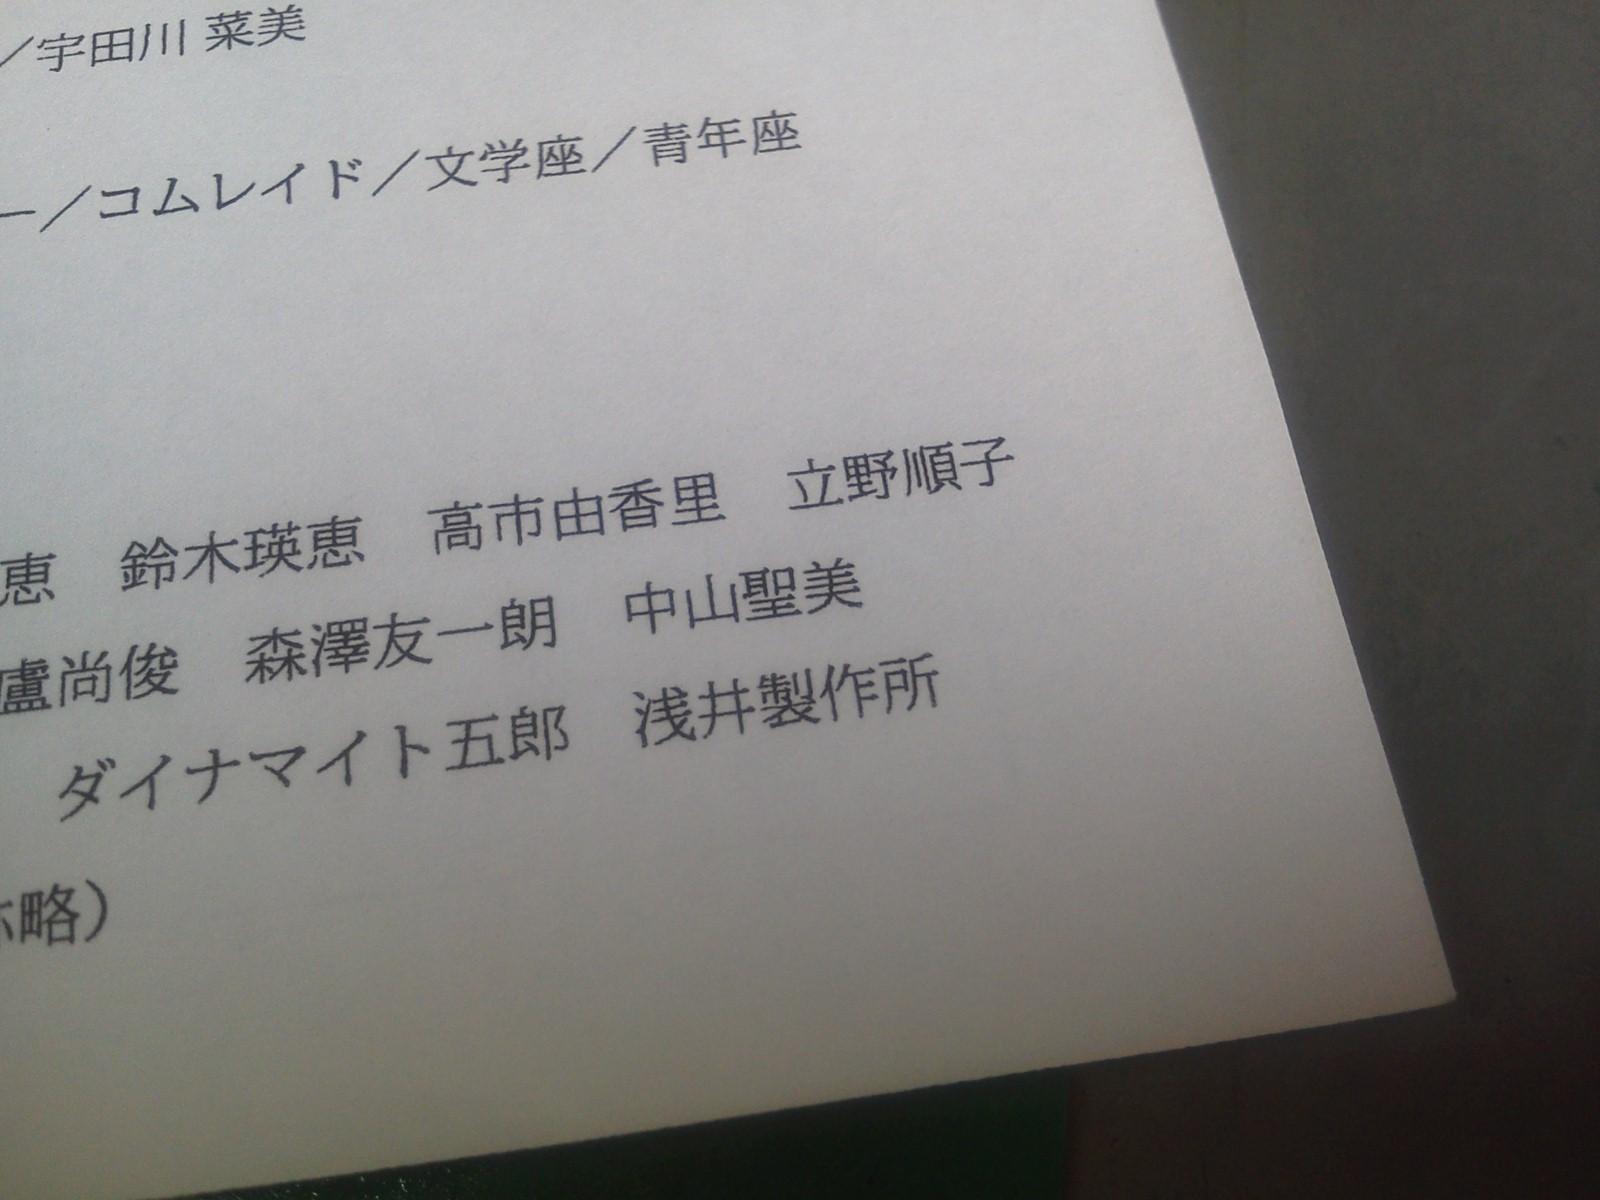 行ってきました、らくだ工務店さん^^_e0061778_8232353.jpg